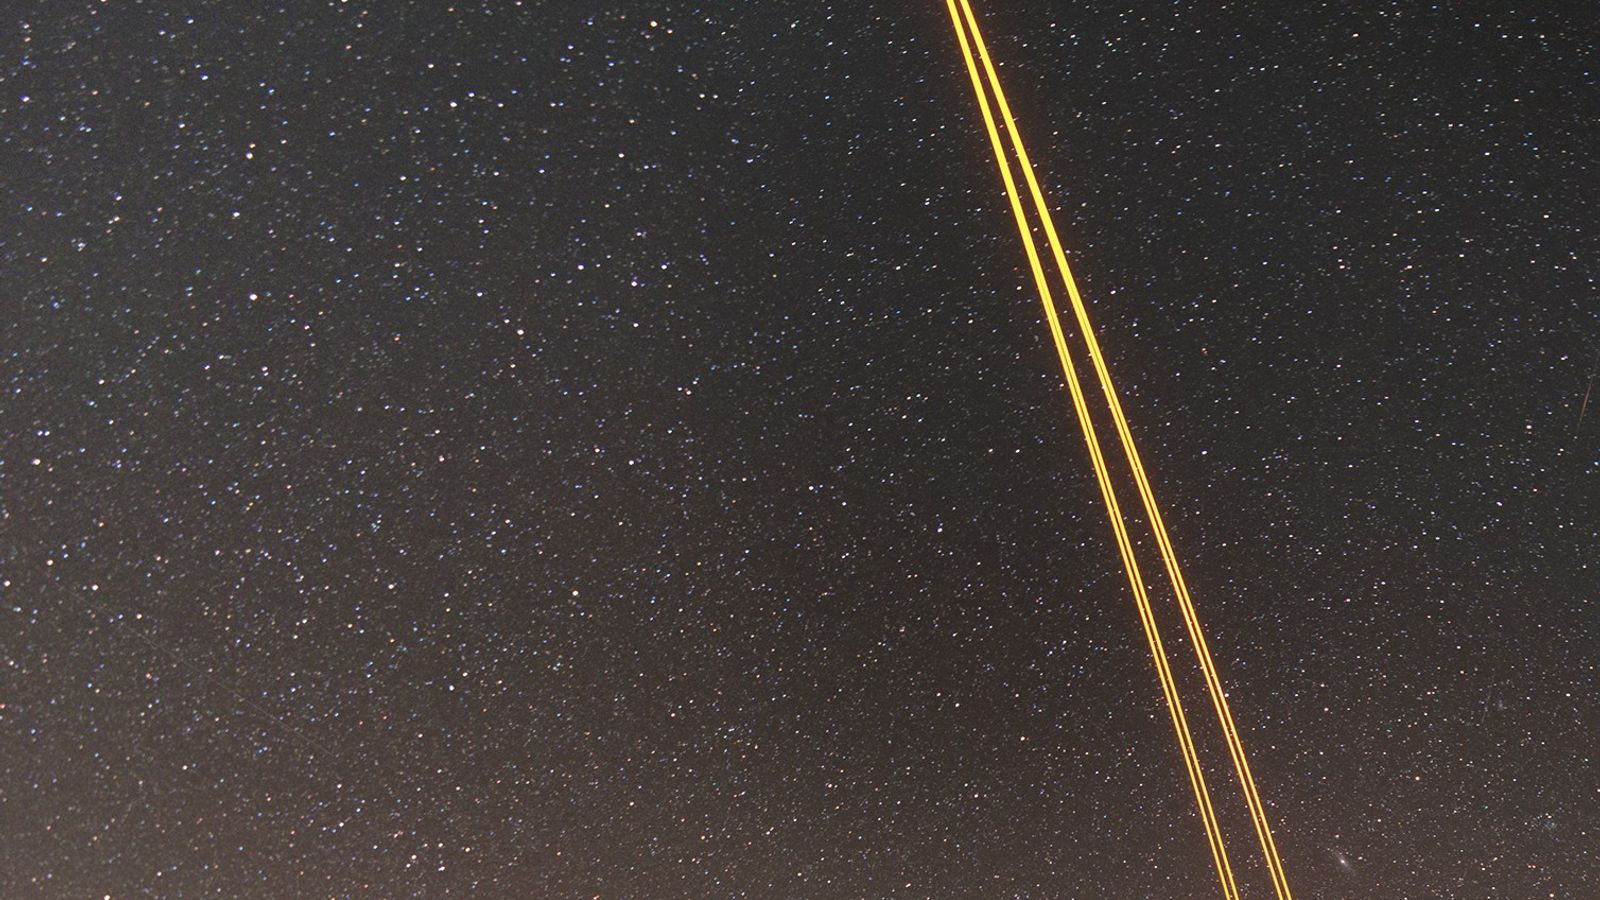 Ein Instrument des Yepun-Teleskops (Teil des Very Large Telescope) erzeugt mit Hilfe von Lasern künstliche Leitsterne. ...